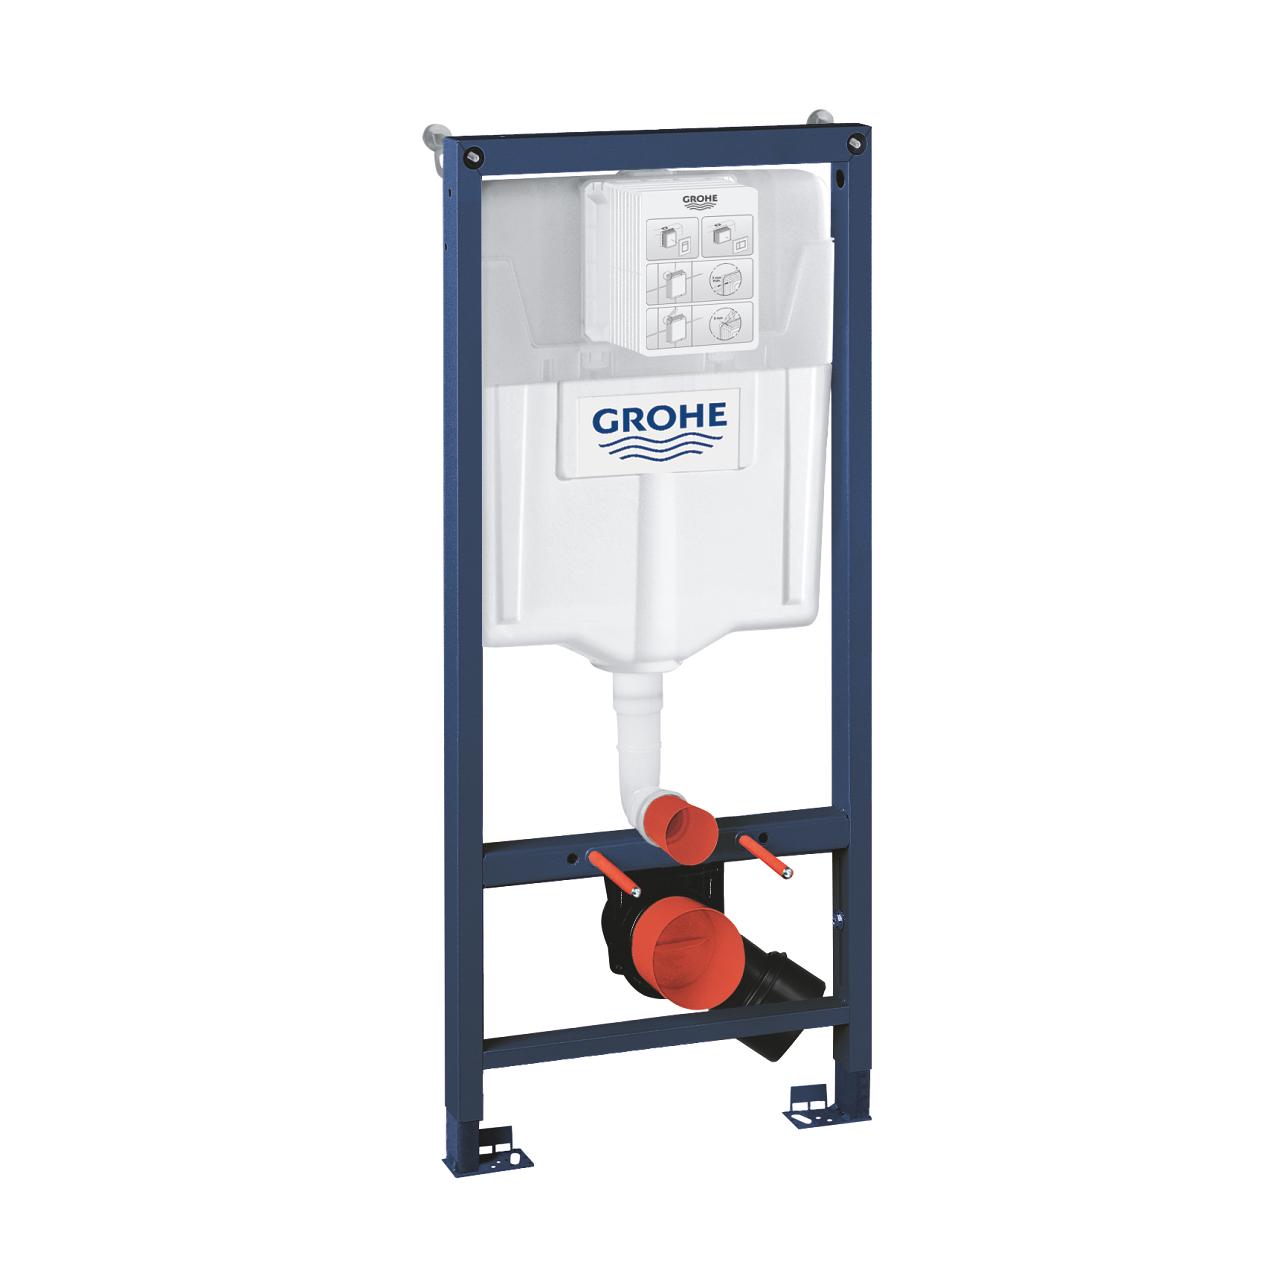 Prvek montážní pro závěsné WC Grohe RAPID SL 113 cm, nádržka GD 2